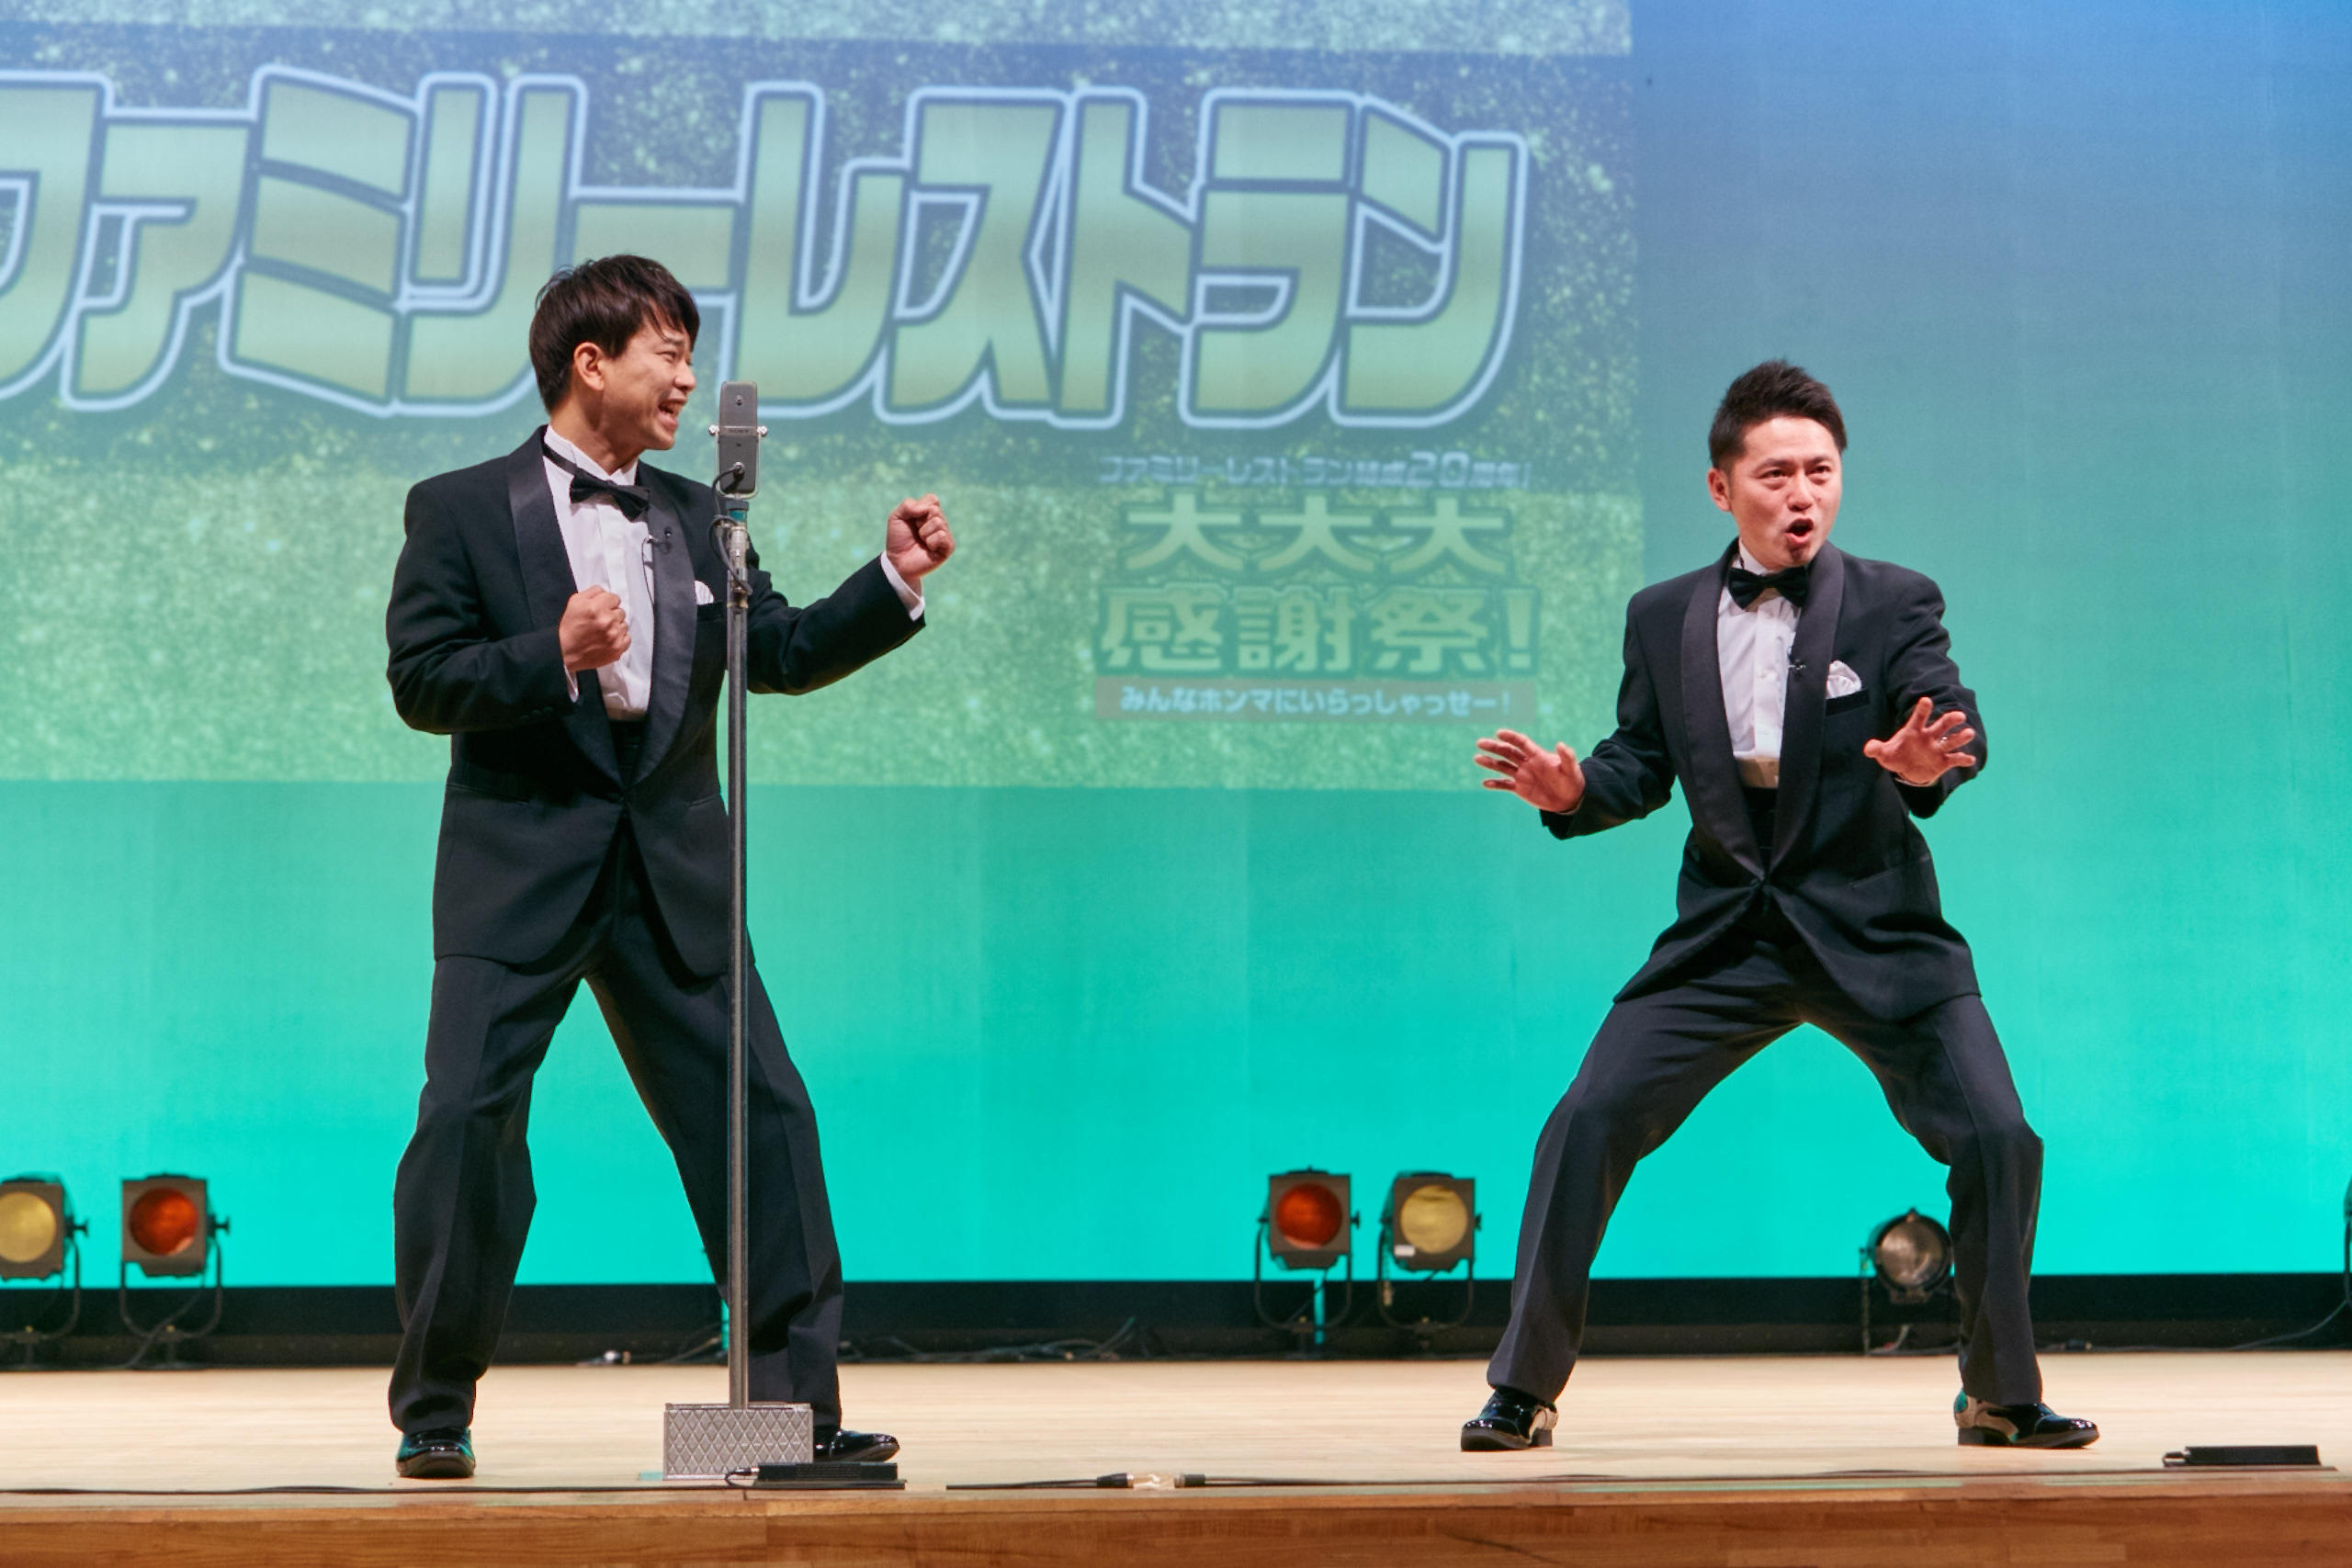 http://news.yoshimoto.co.jp/20171113160707-bb03c7236b7a6d5aba4a53ea3cdbcefe61ce21bd.jpg